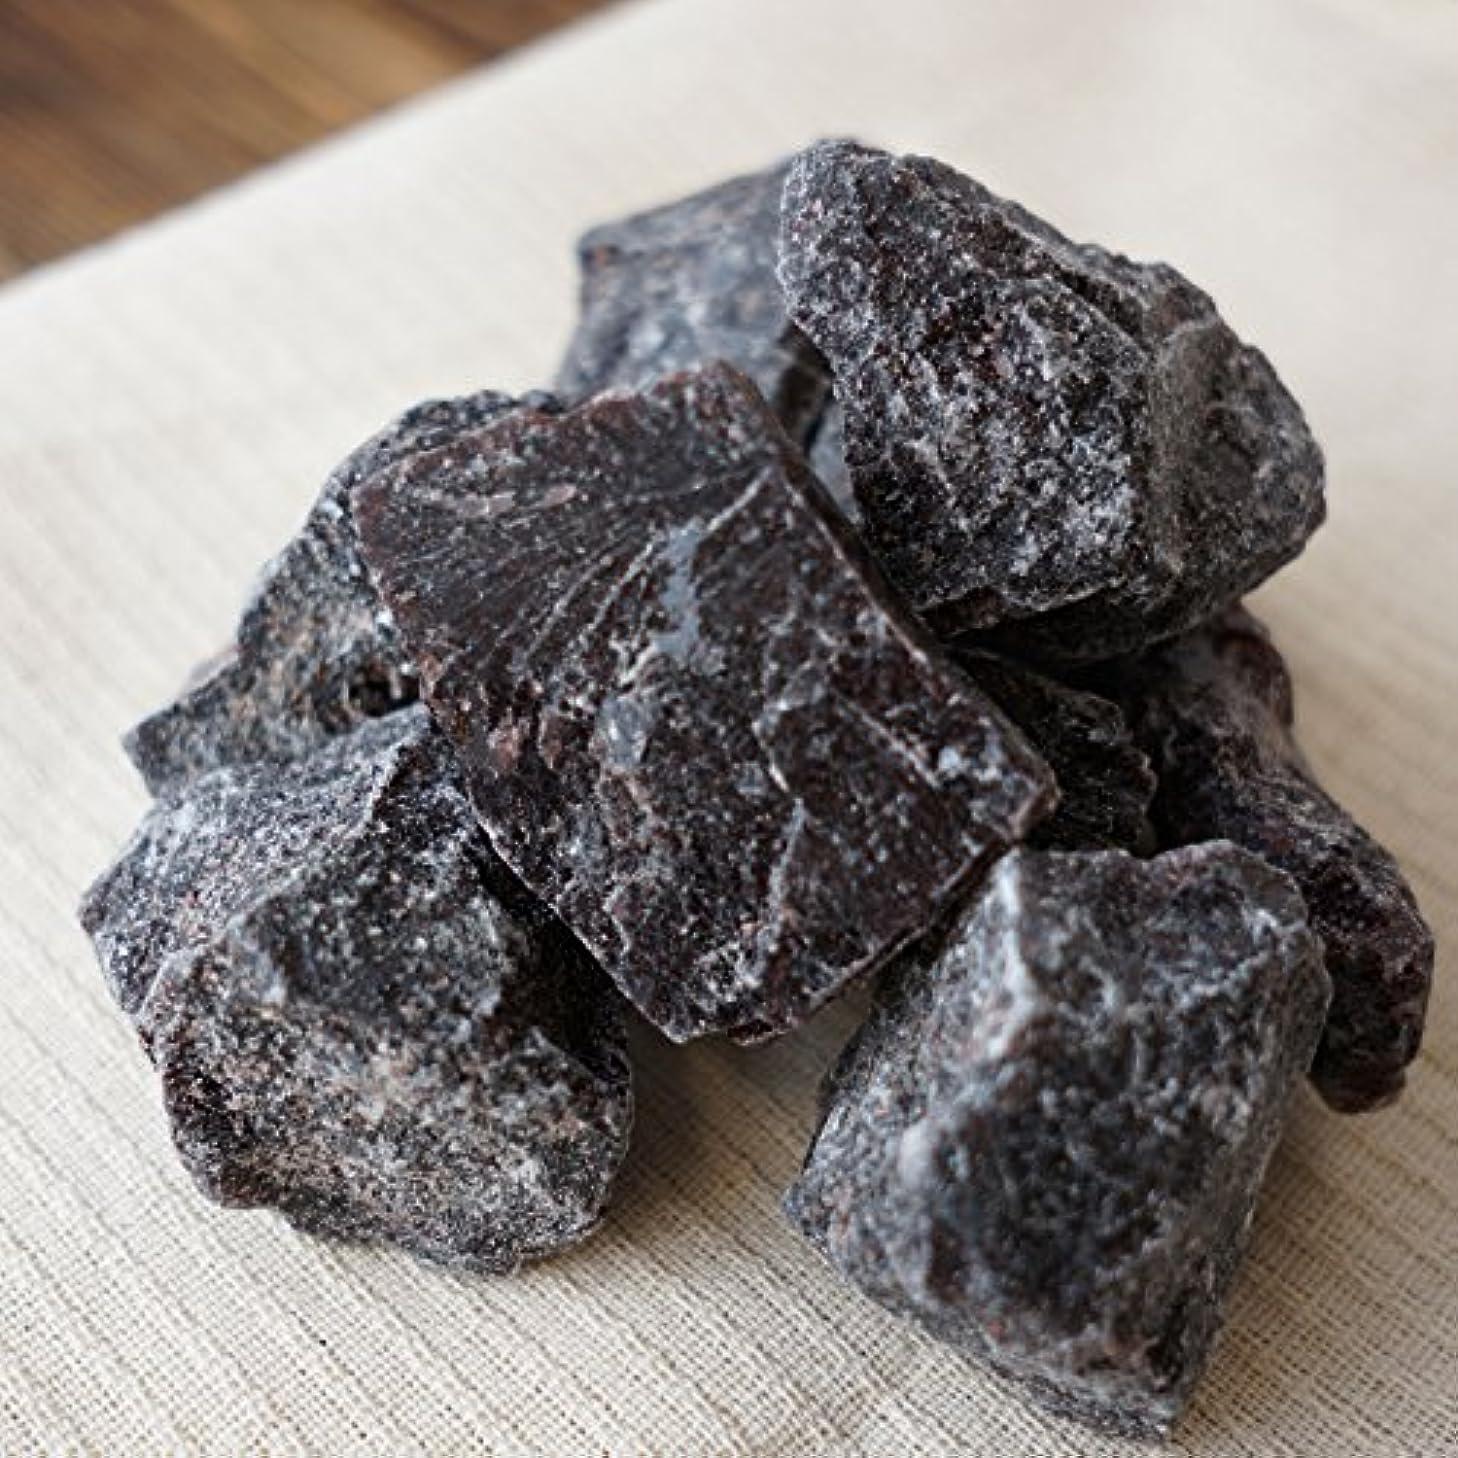 医療の太字実現可能希少 インド岩塩 ルビー ブロック 約2-5cm 20kg 20,000g 原料